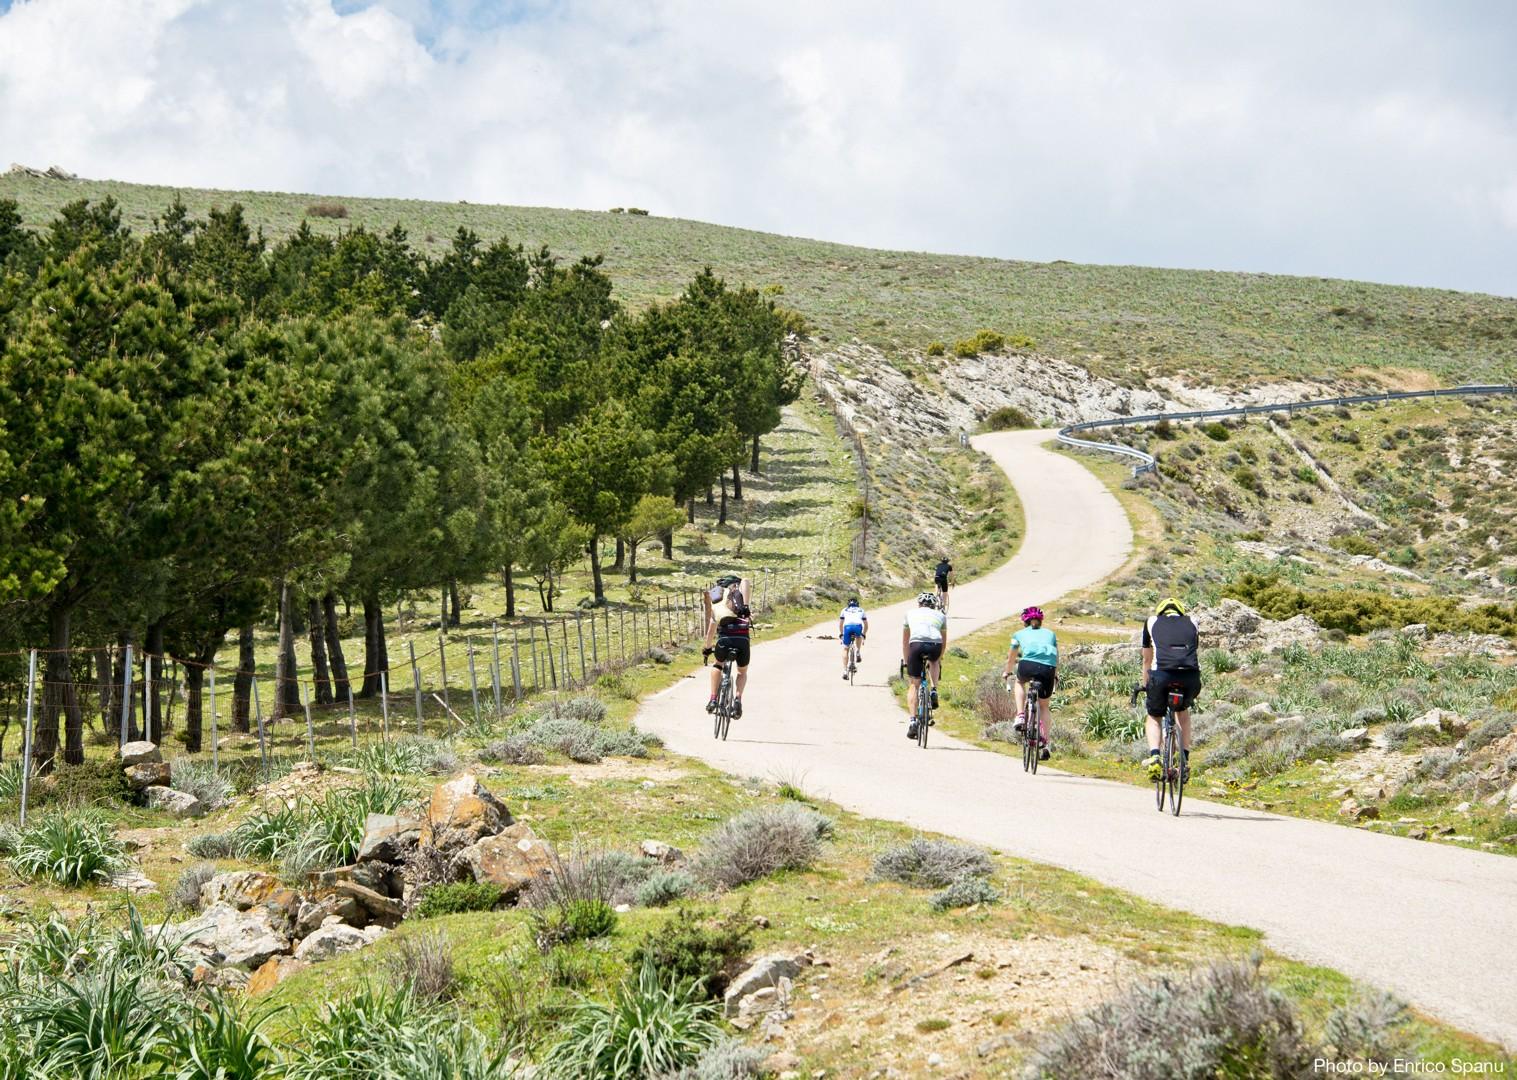 Sardinian-Cycling-Holiday-Road-Sardinian-Mountains-Tacchi-dOgliastra.jpg - Italy - Sardinia - Mountain Explorer - Guided Road Cycling Holiday - Italia Road Cycling